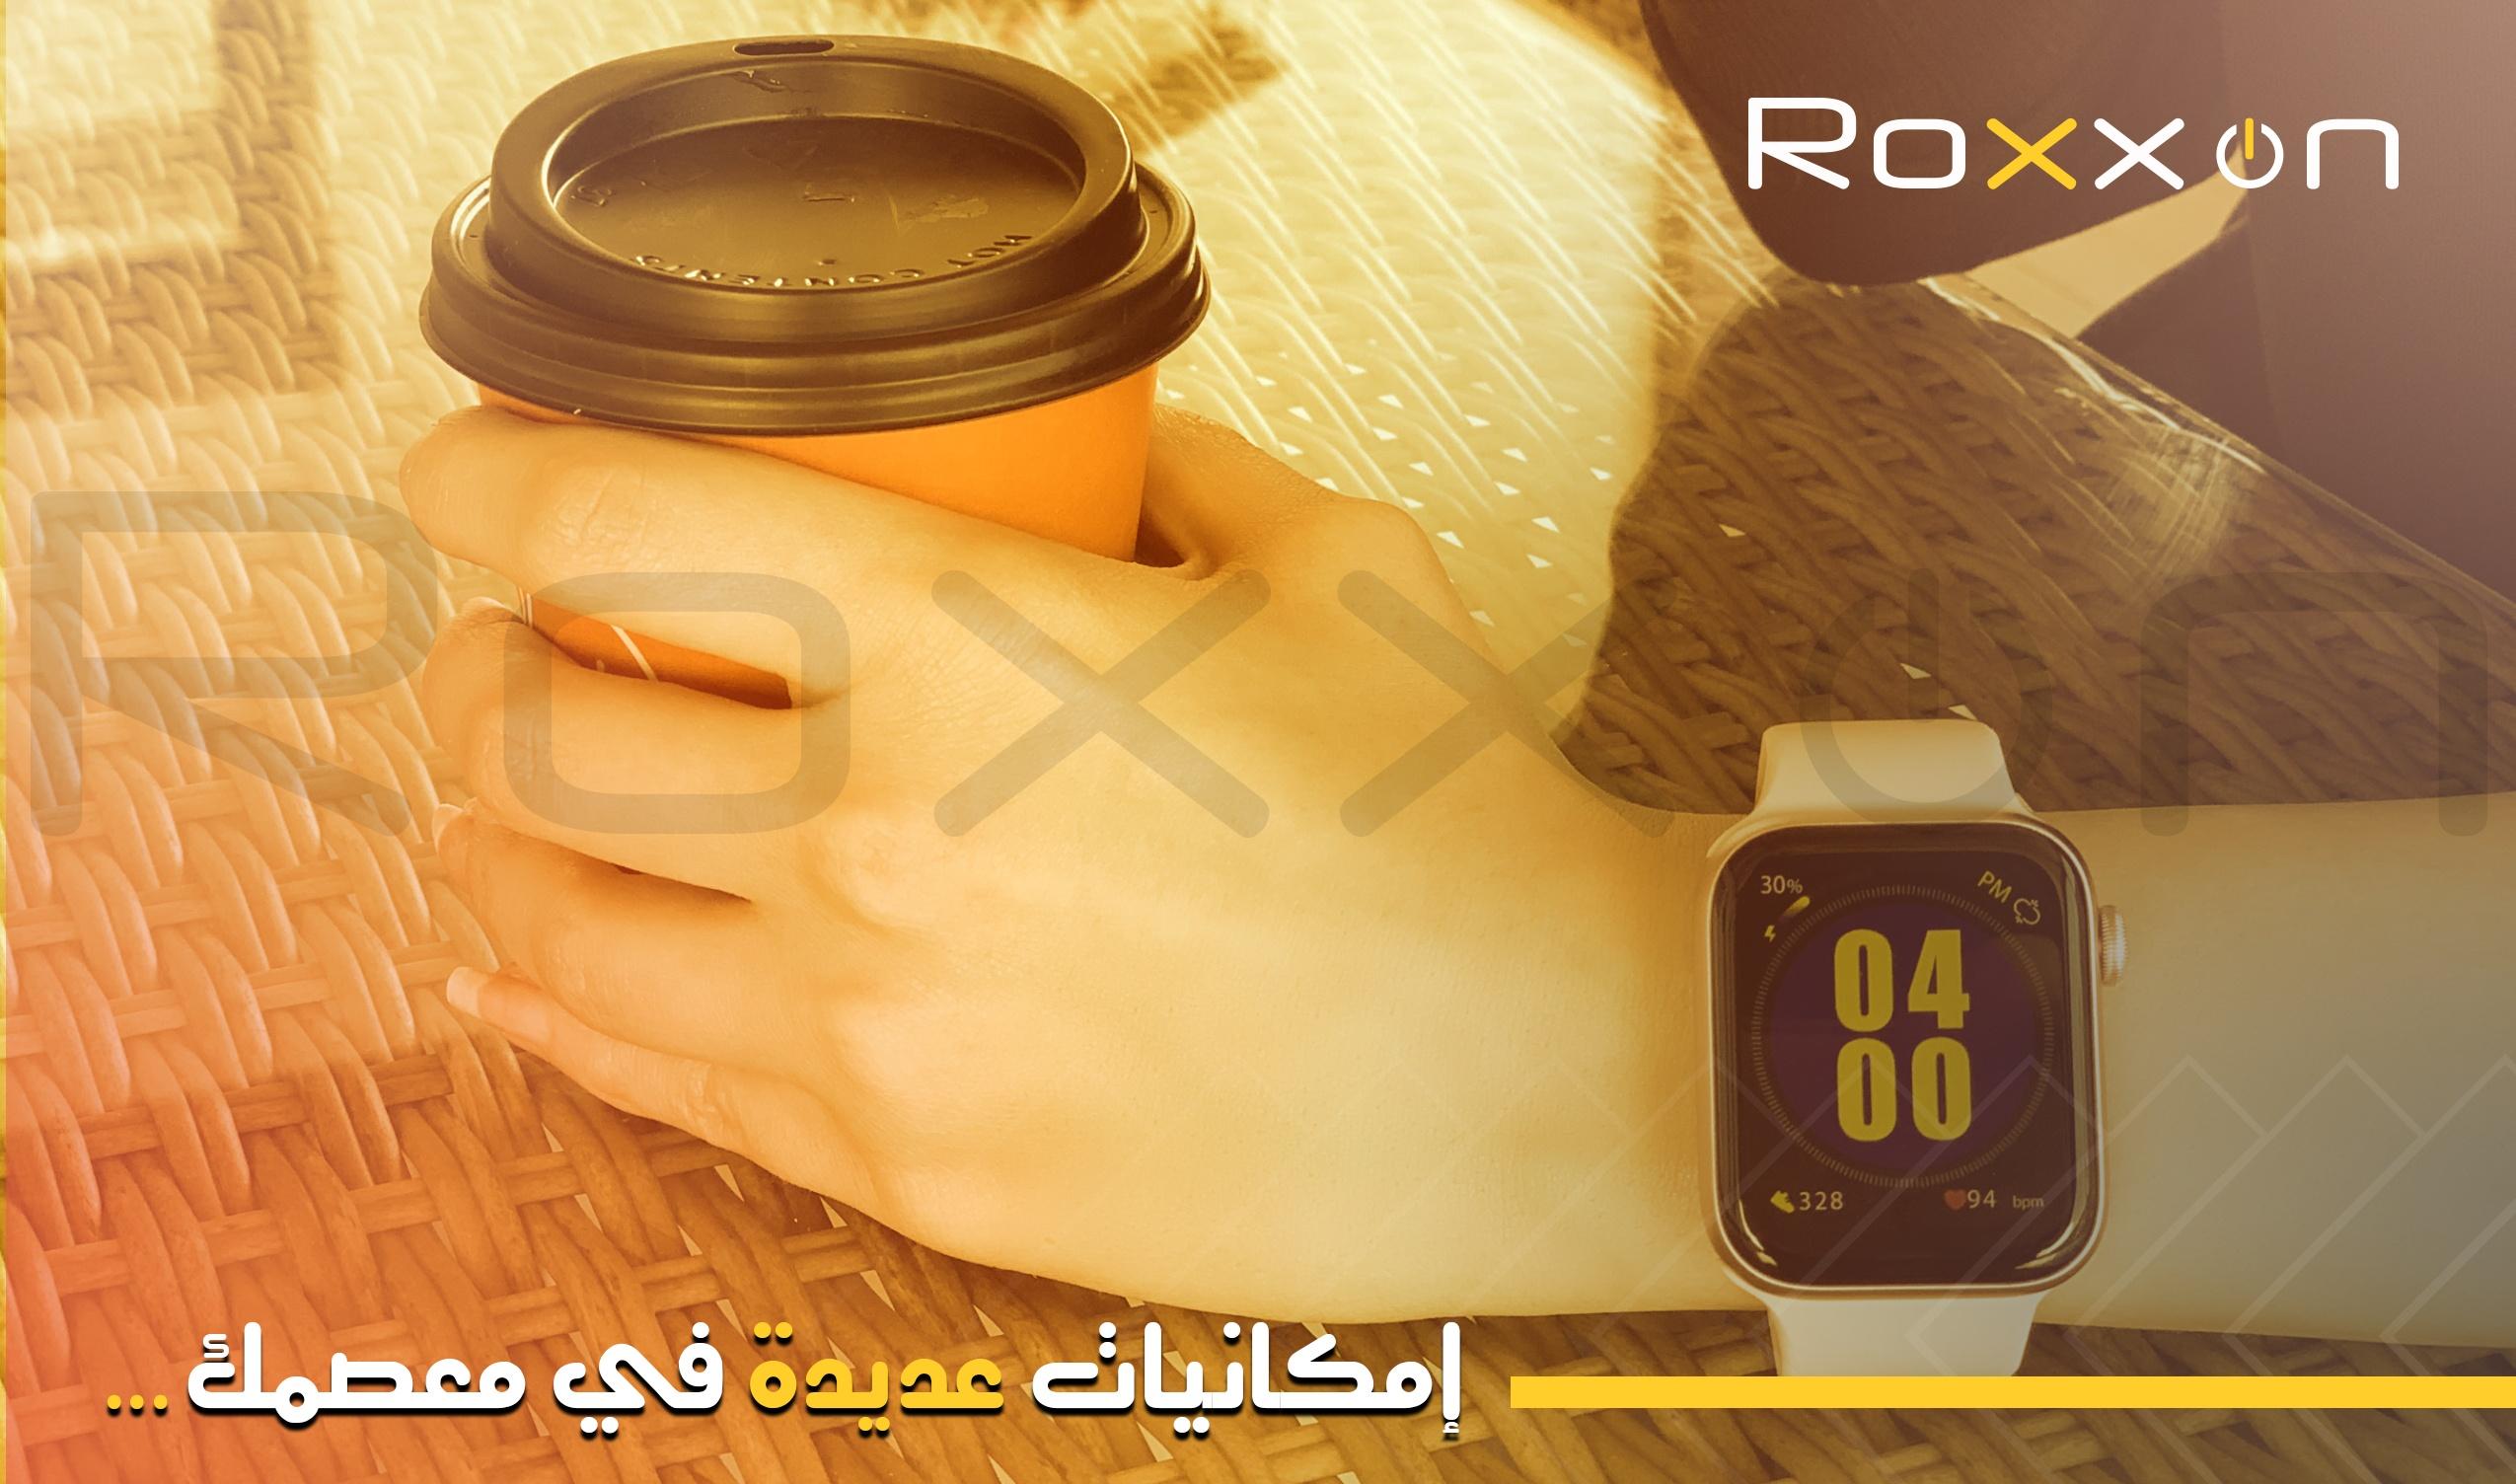 ساعة روكسون الذكية